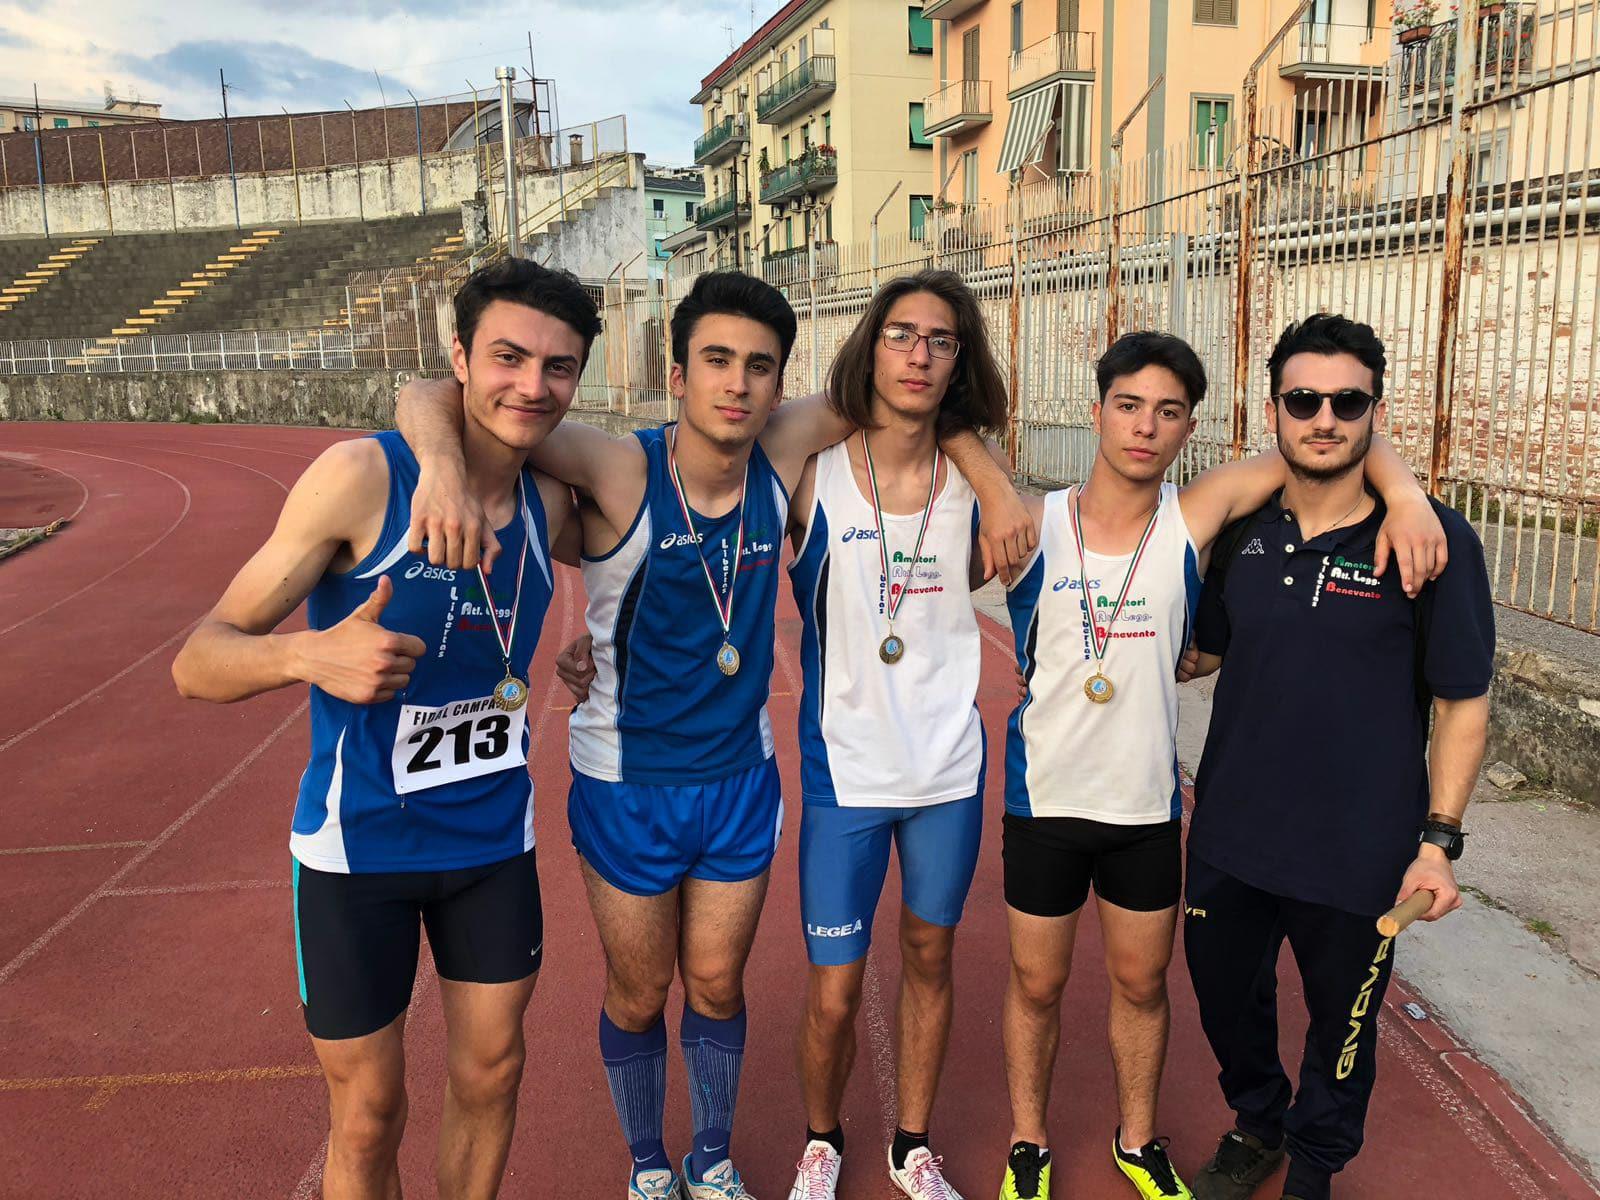 Atletica Leggera: Montesarchio, Sant'Agata e il Sannio sul Podio.